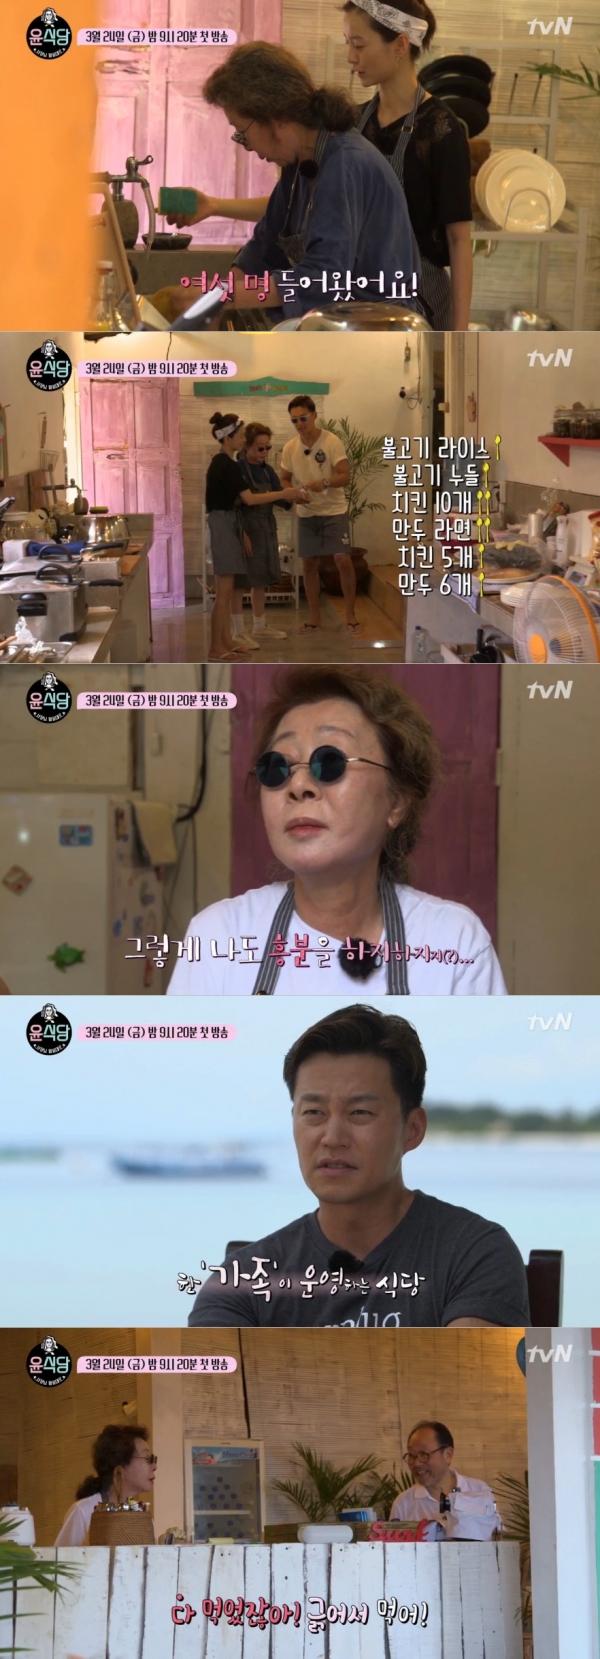 ▲'윤식당' 선공개 영상(출처=tvN'윤식당')